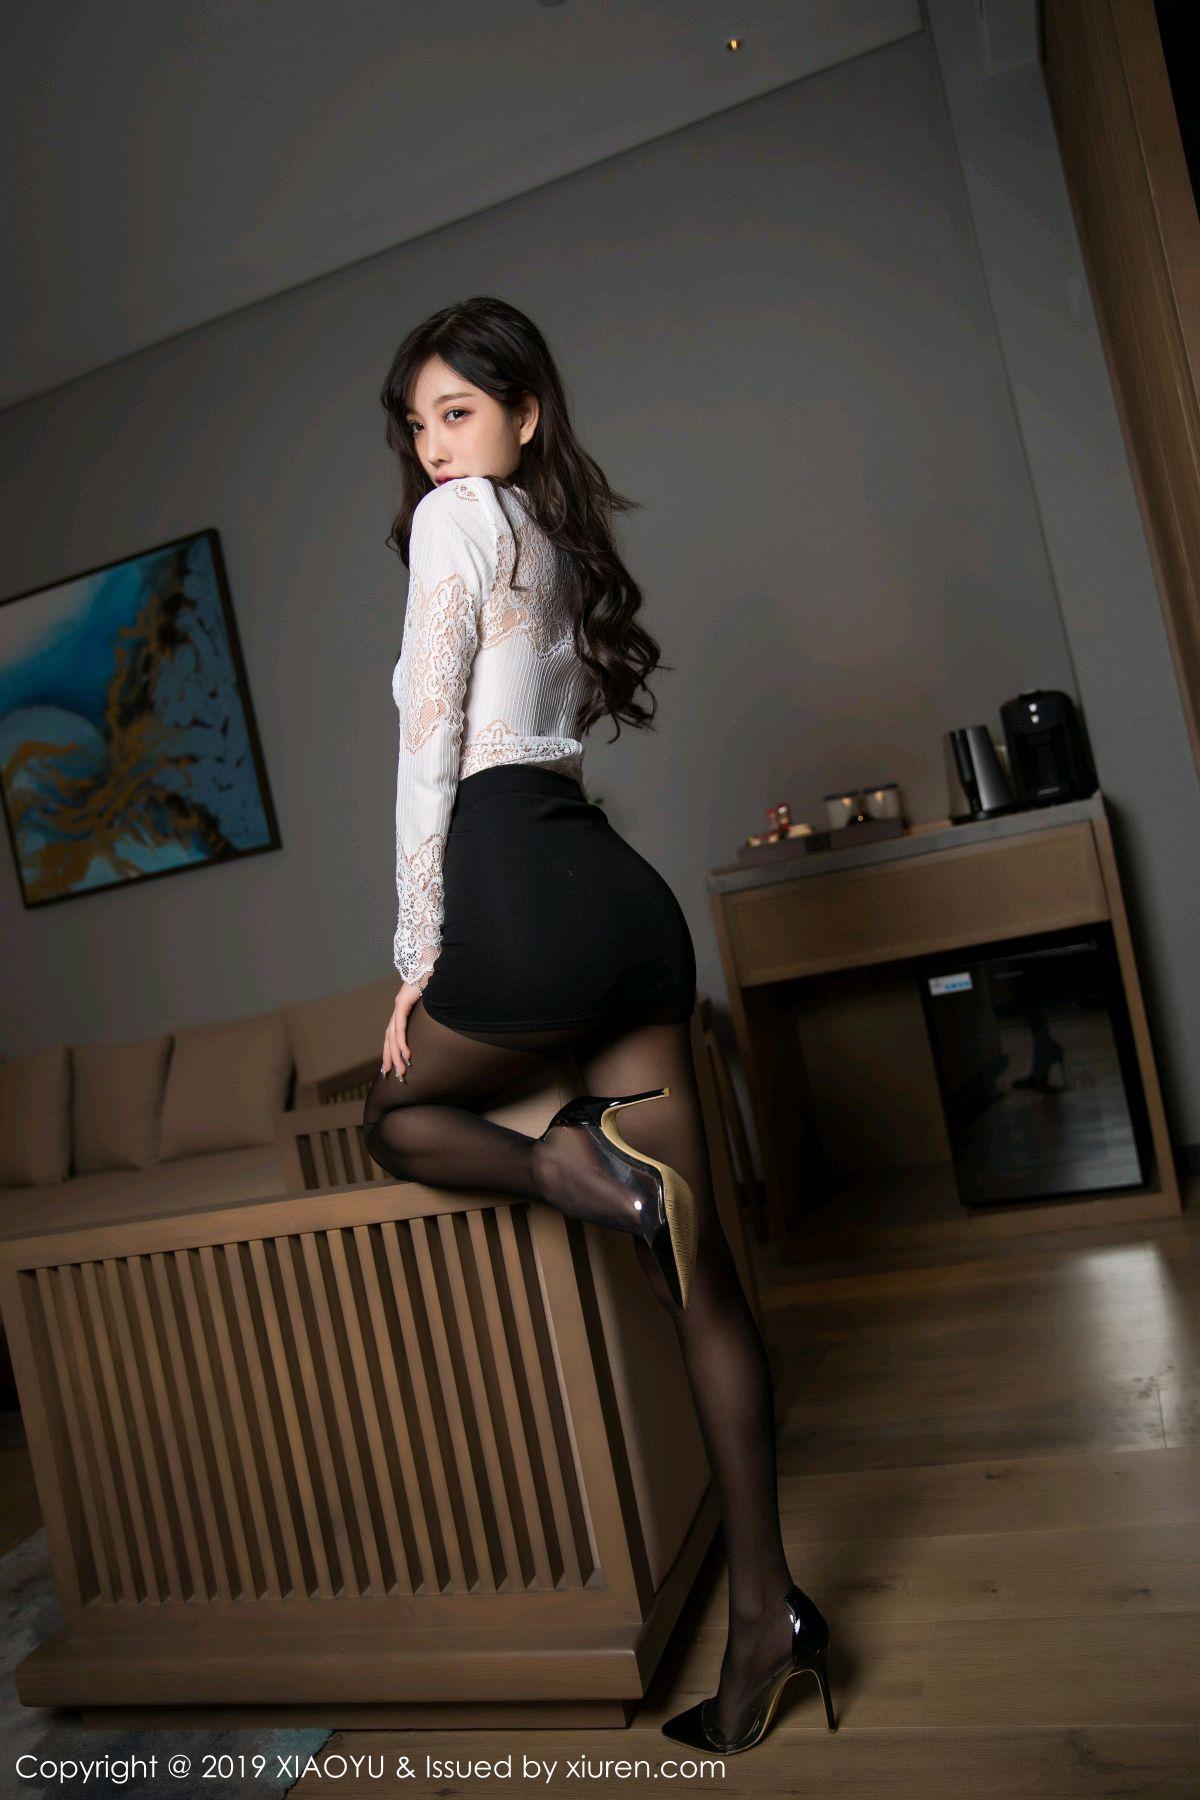 [XiaoYu] Vol.048 Yang Chen Chen 8P, Black Silk, Tall, XiaoYu, Yang Chen Chen